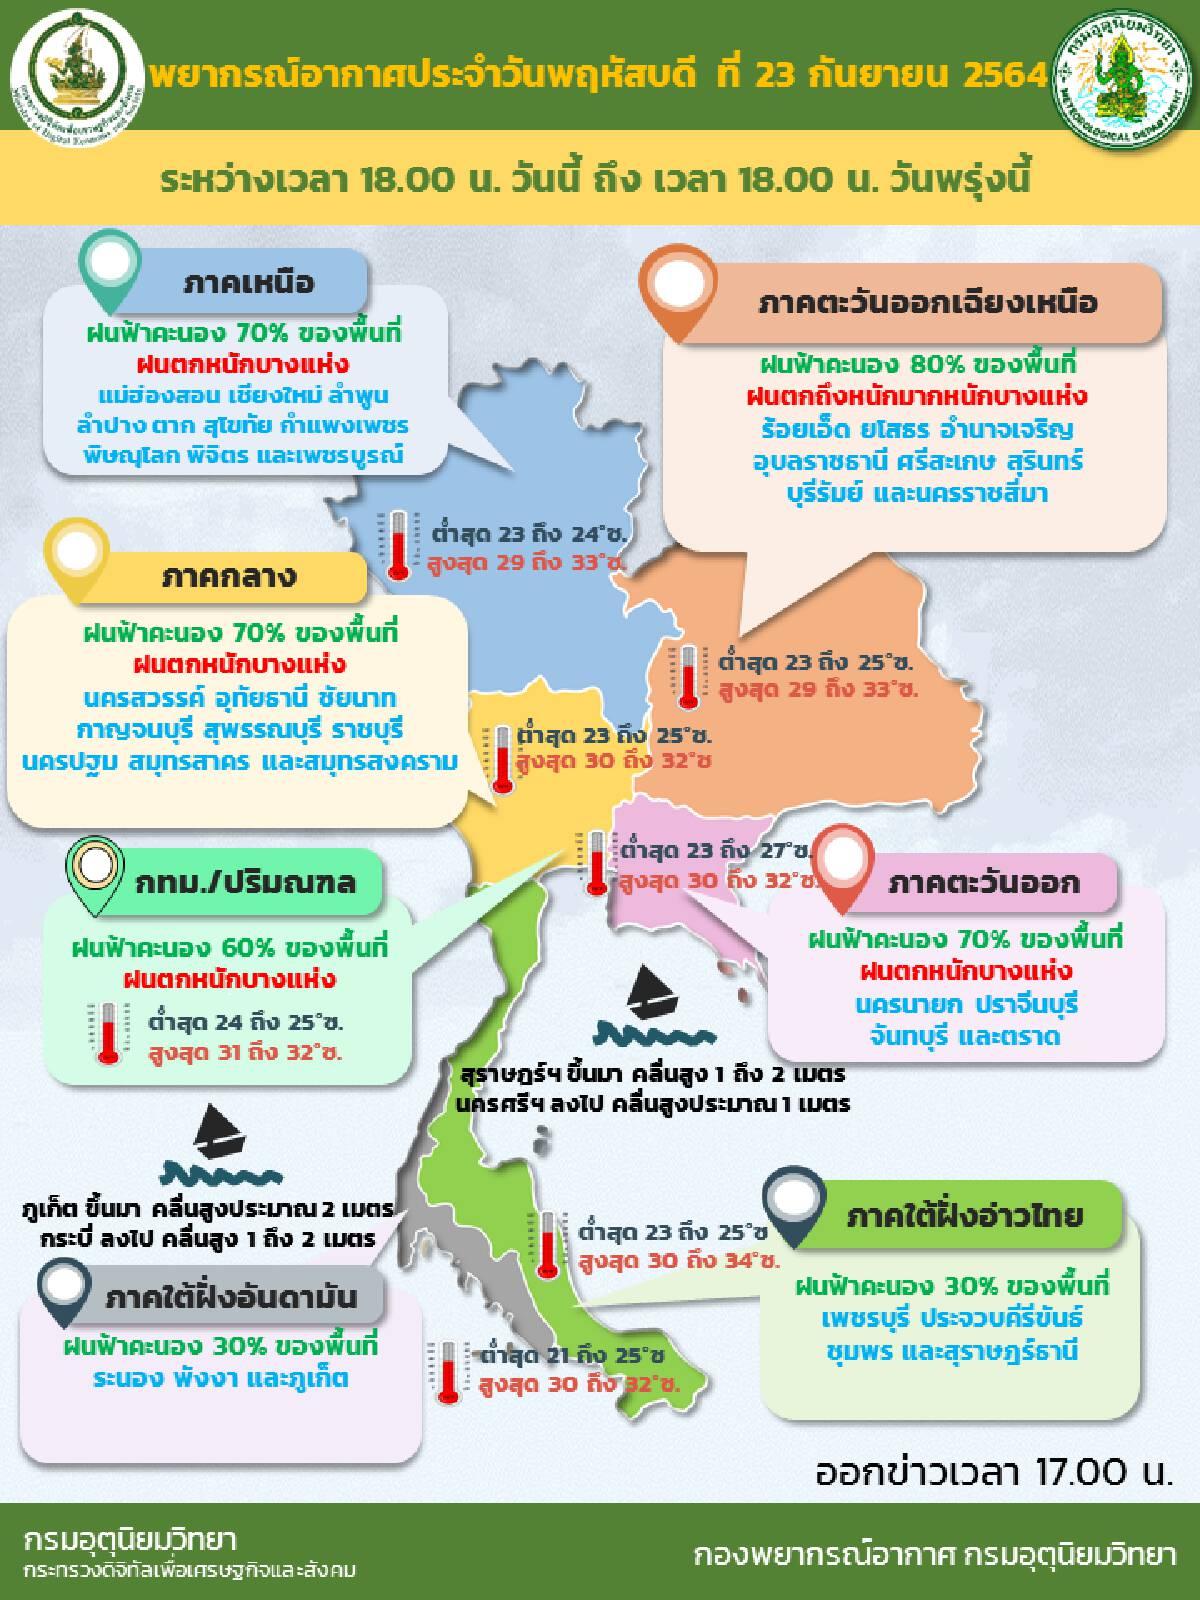 กรมอุตุฯเตือนสภาพอากาศวันนี้ -24 ก.ย. อีสานฝนตกหนักถึงหนักมาก